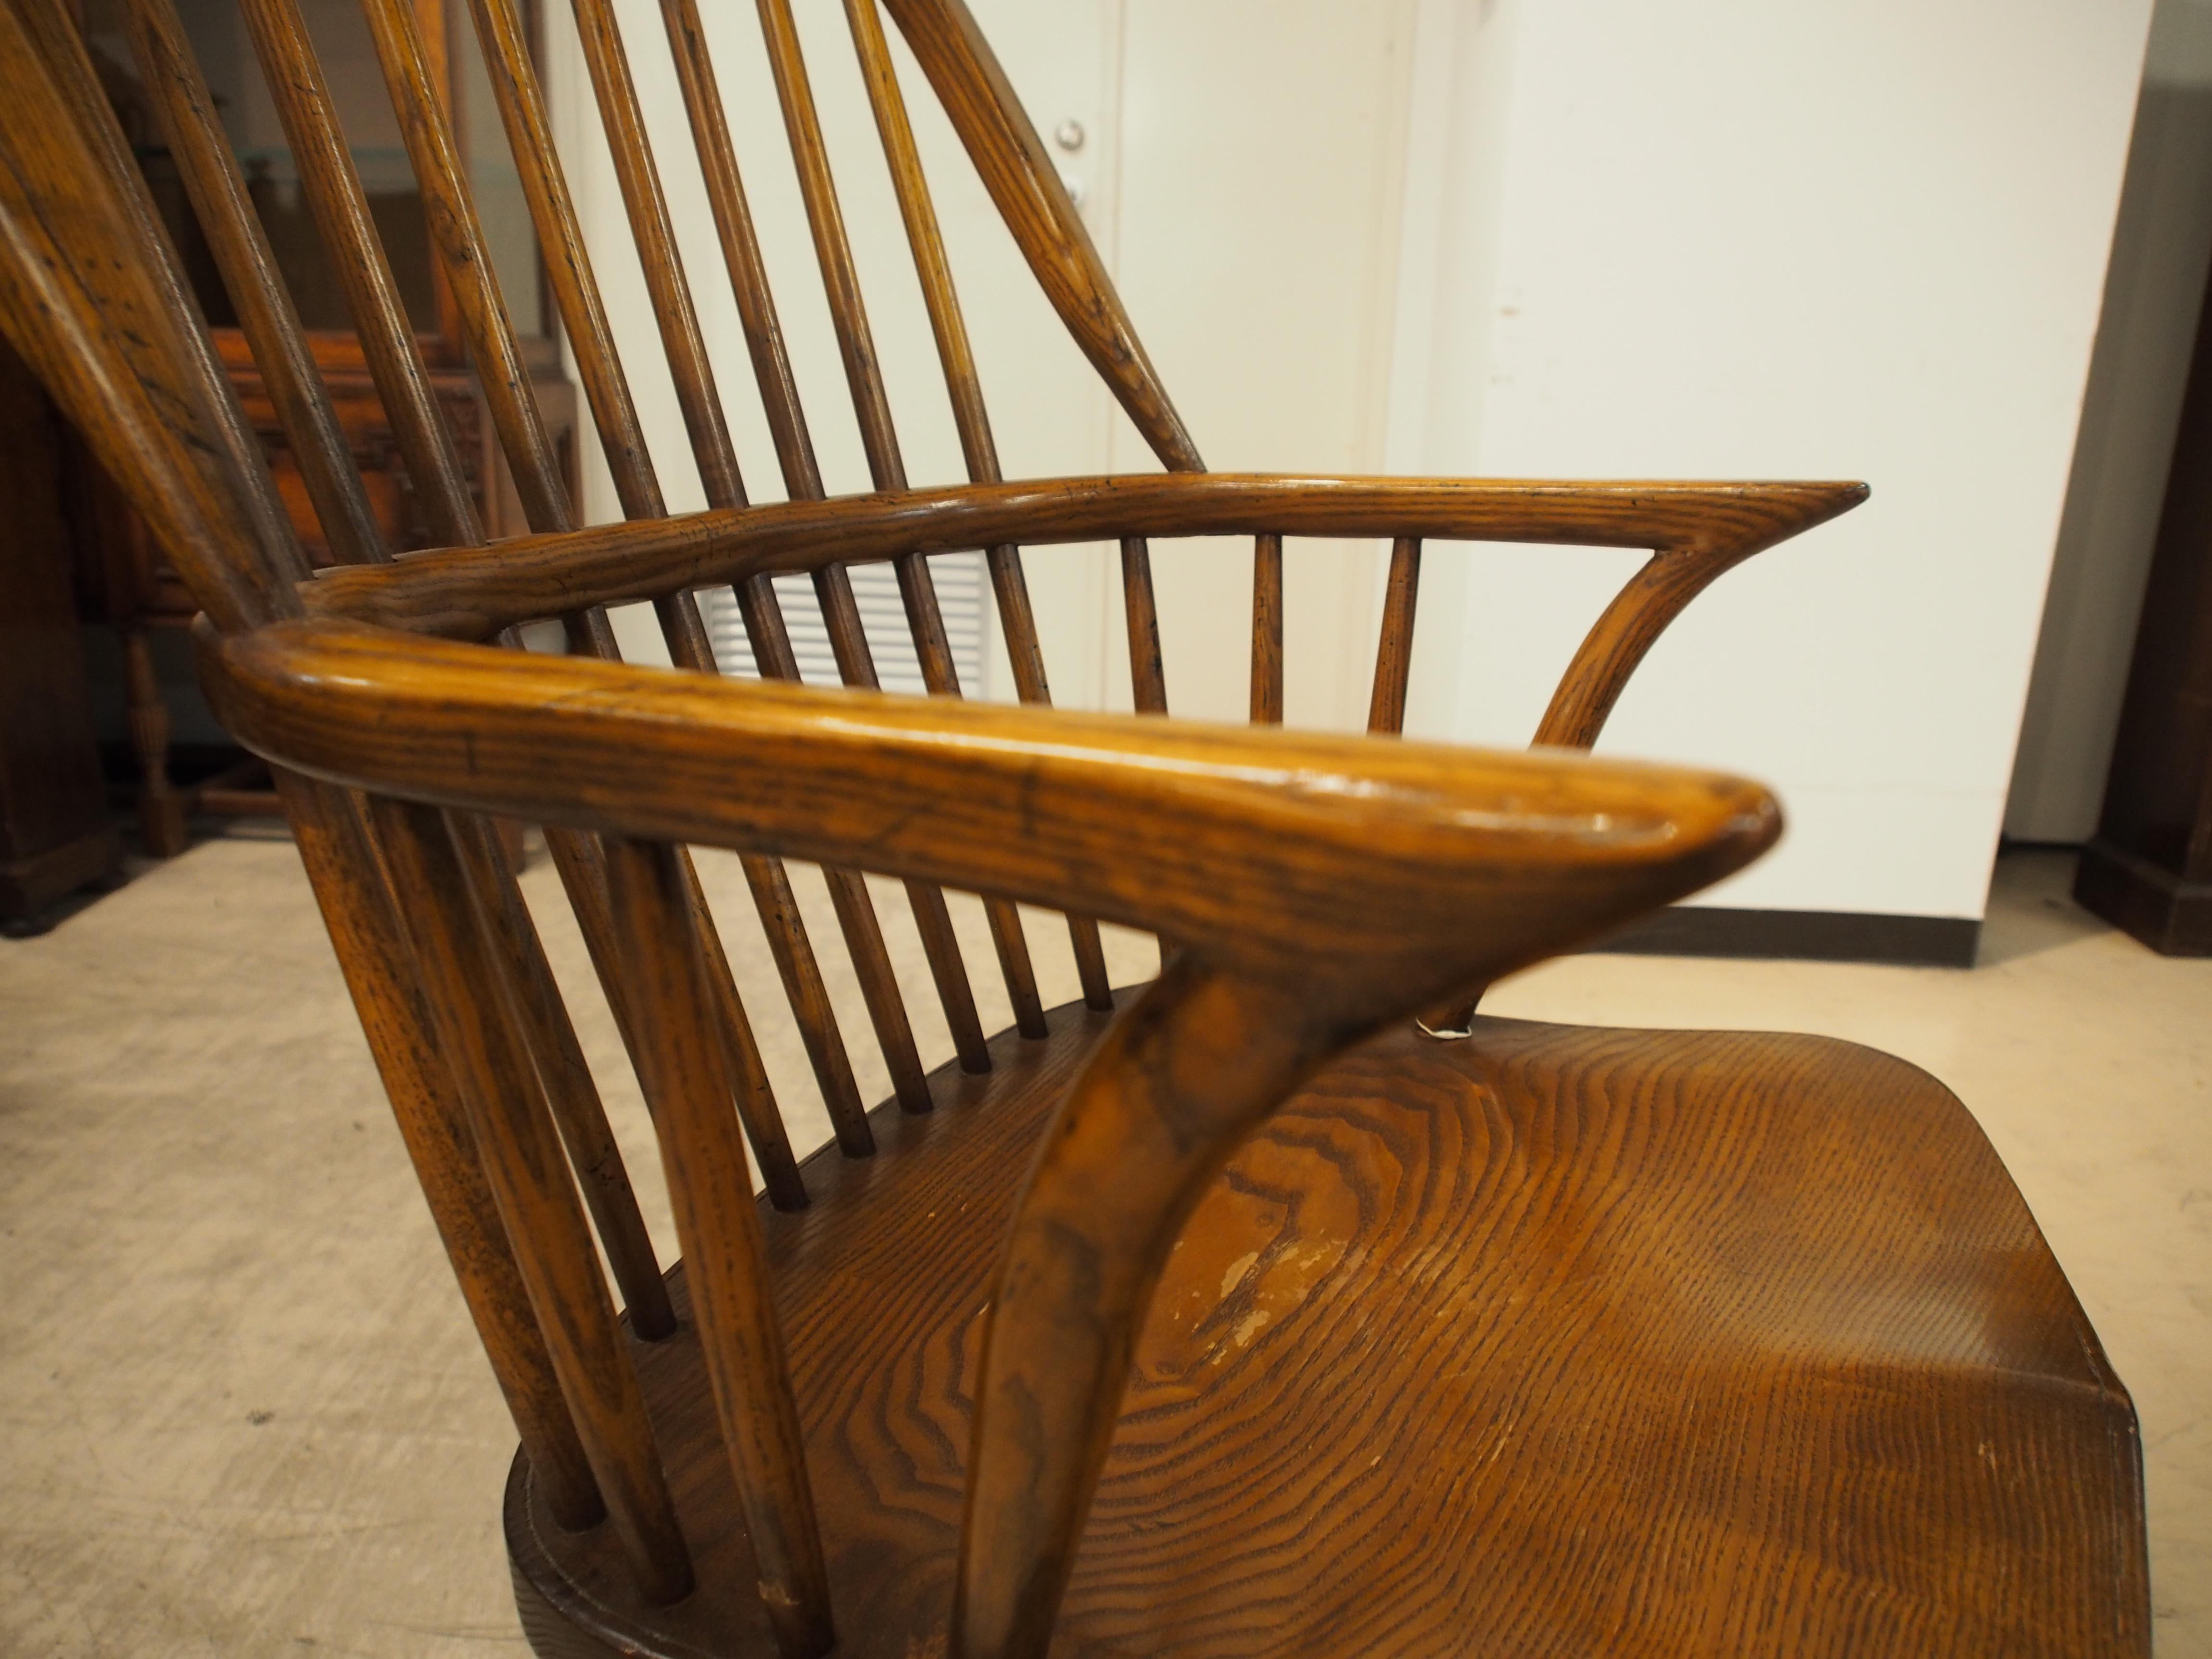 アンティーク 大阪 ウィンザーチェア ウィンザーアームチェア 曲げ木椅子 肘掛け付き椅子 一人掛け カントリー ウィンザー地方 カウホーン シャビー ヴィンテージ ビンテージ イギリスアンティーク家具 英国家具 イギリス ツインアンティークス